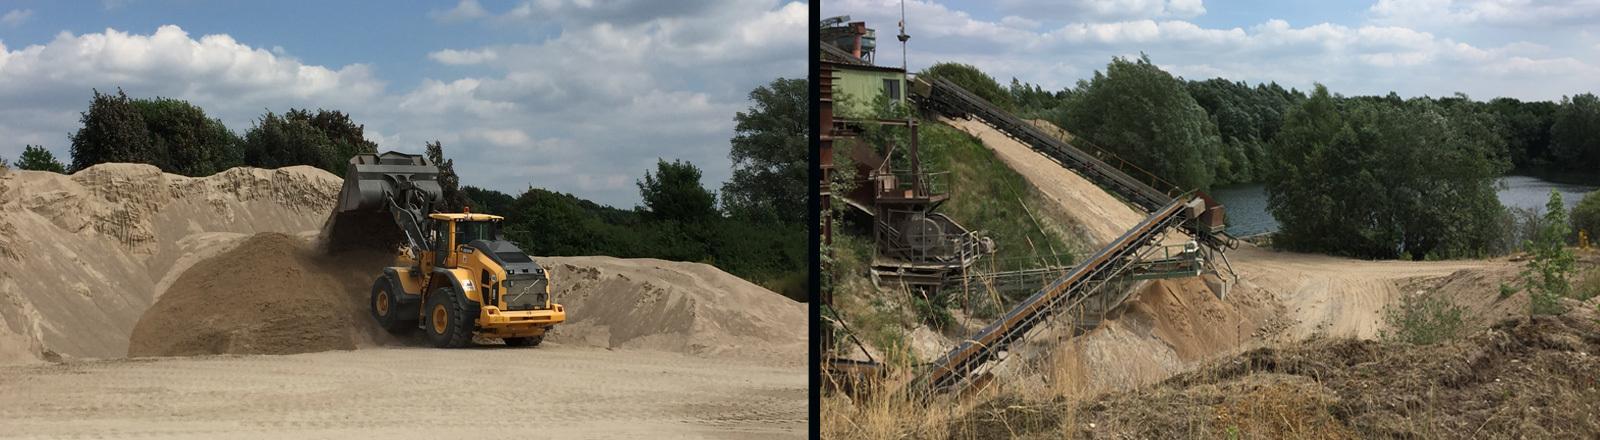 Unter anderem wegen des Baubooms und strenger Naturschutzregeln herrscht in Deutschland Sandmangel.